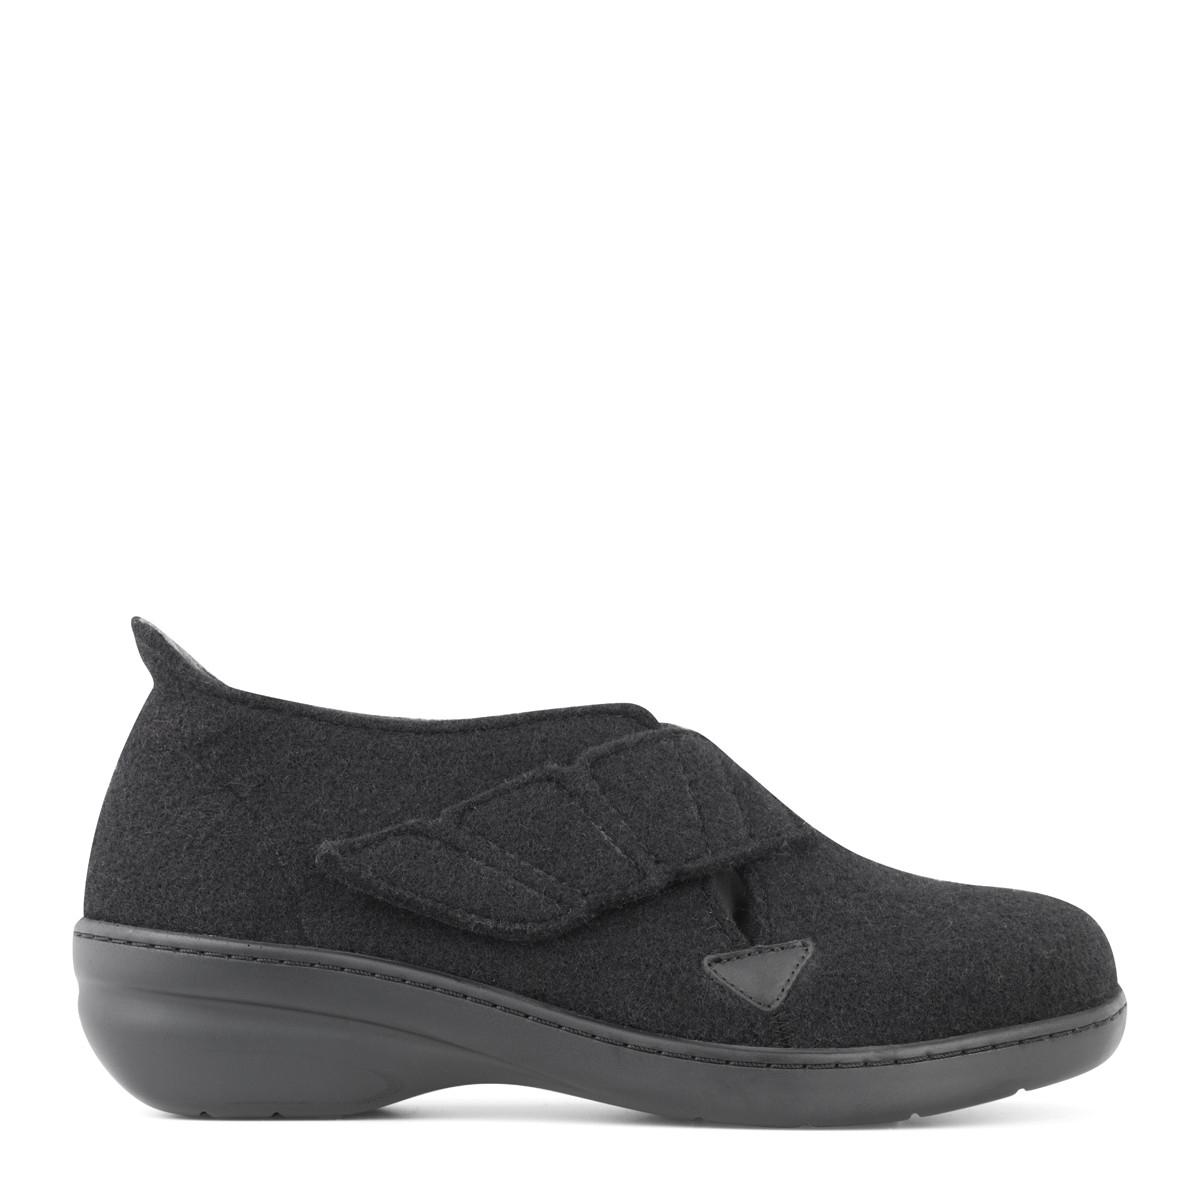 New Feet dame hjemmesko i uld med lille hæl og med hælkappe (sort) fra